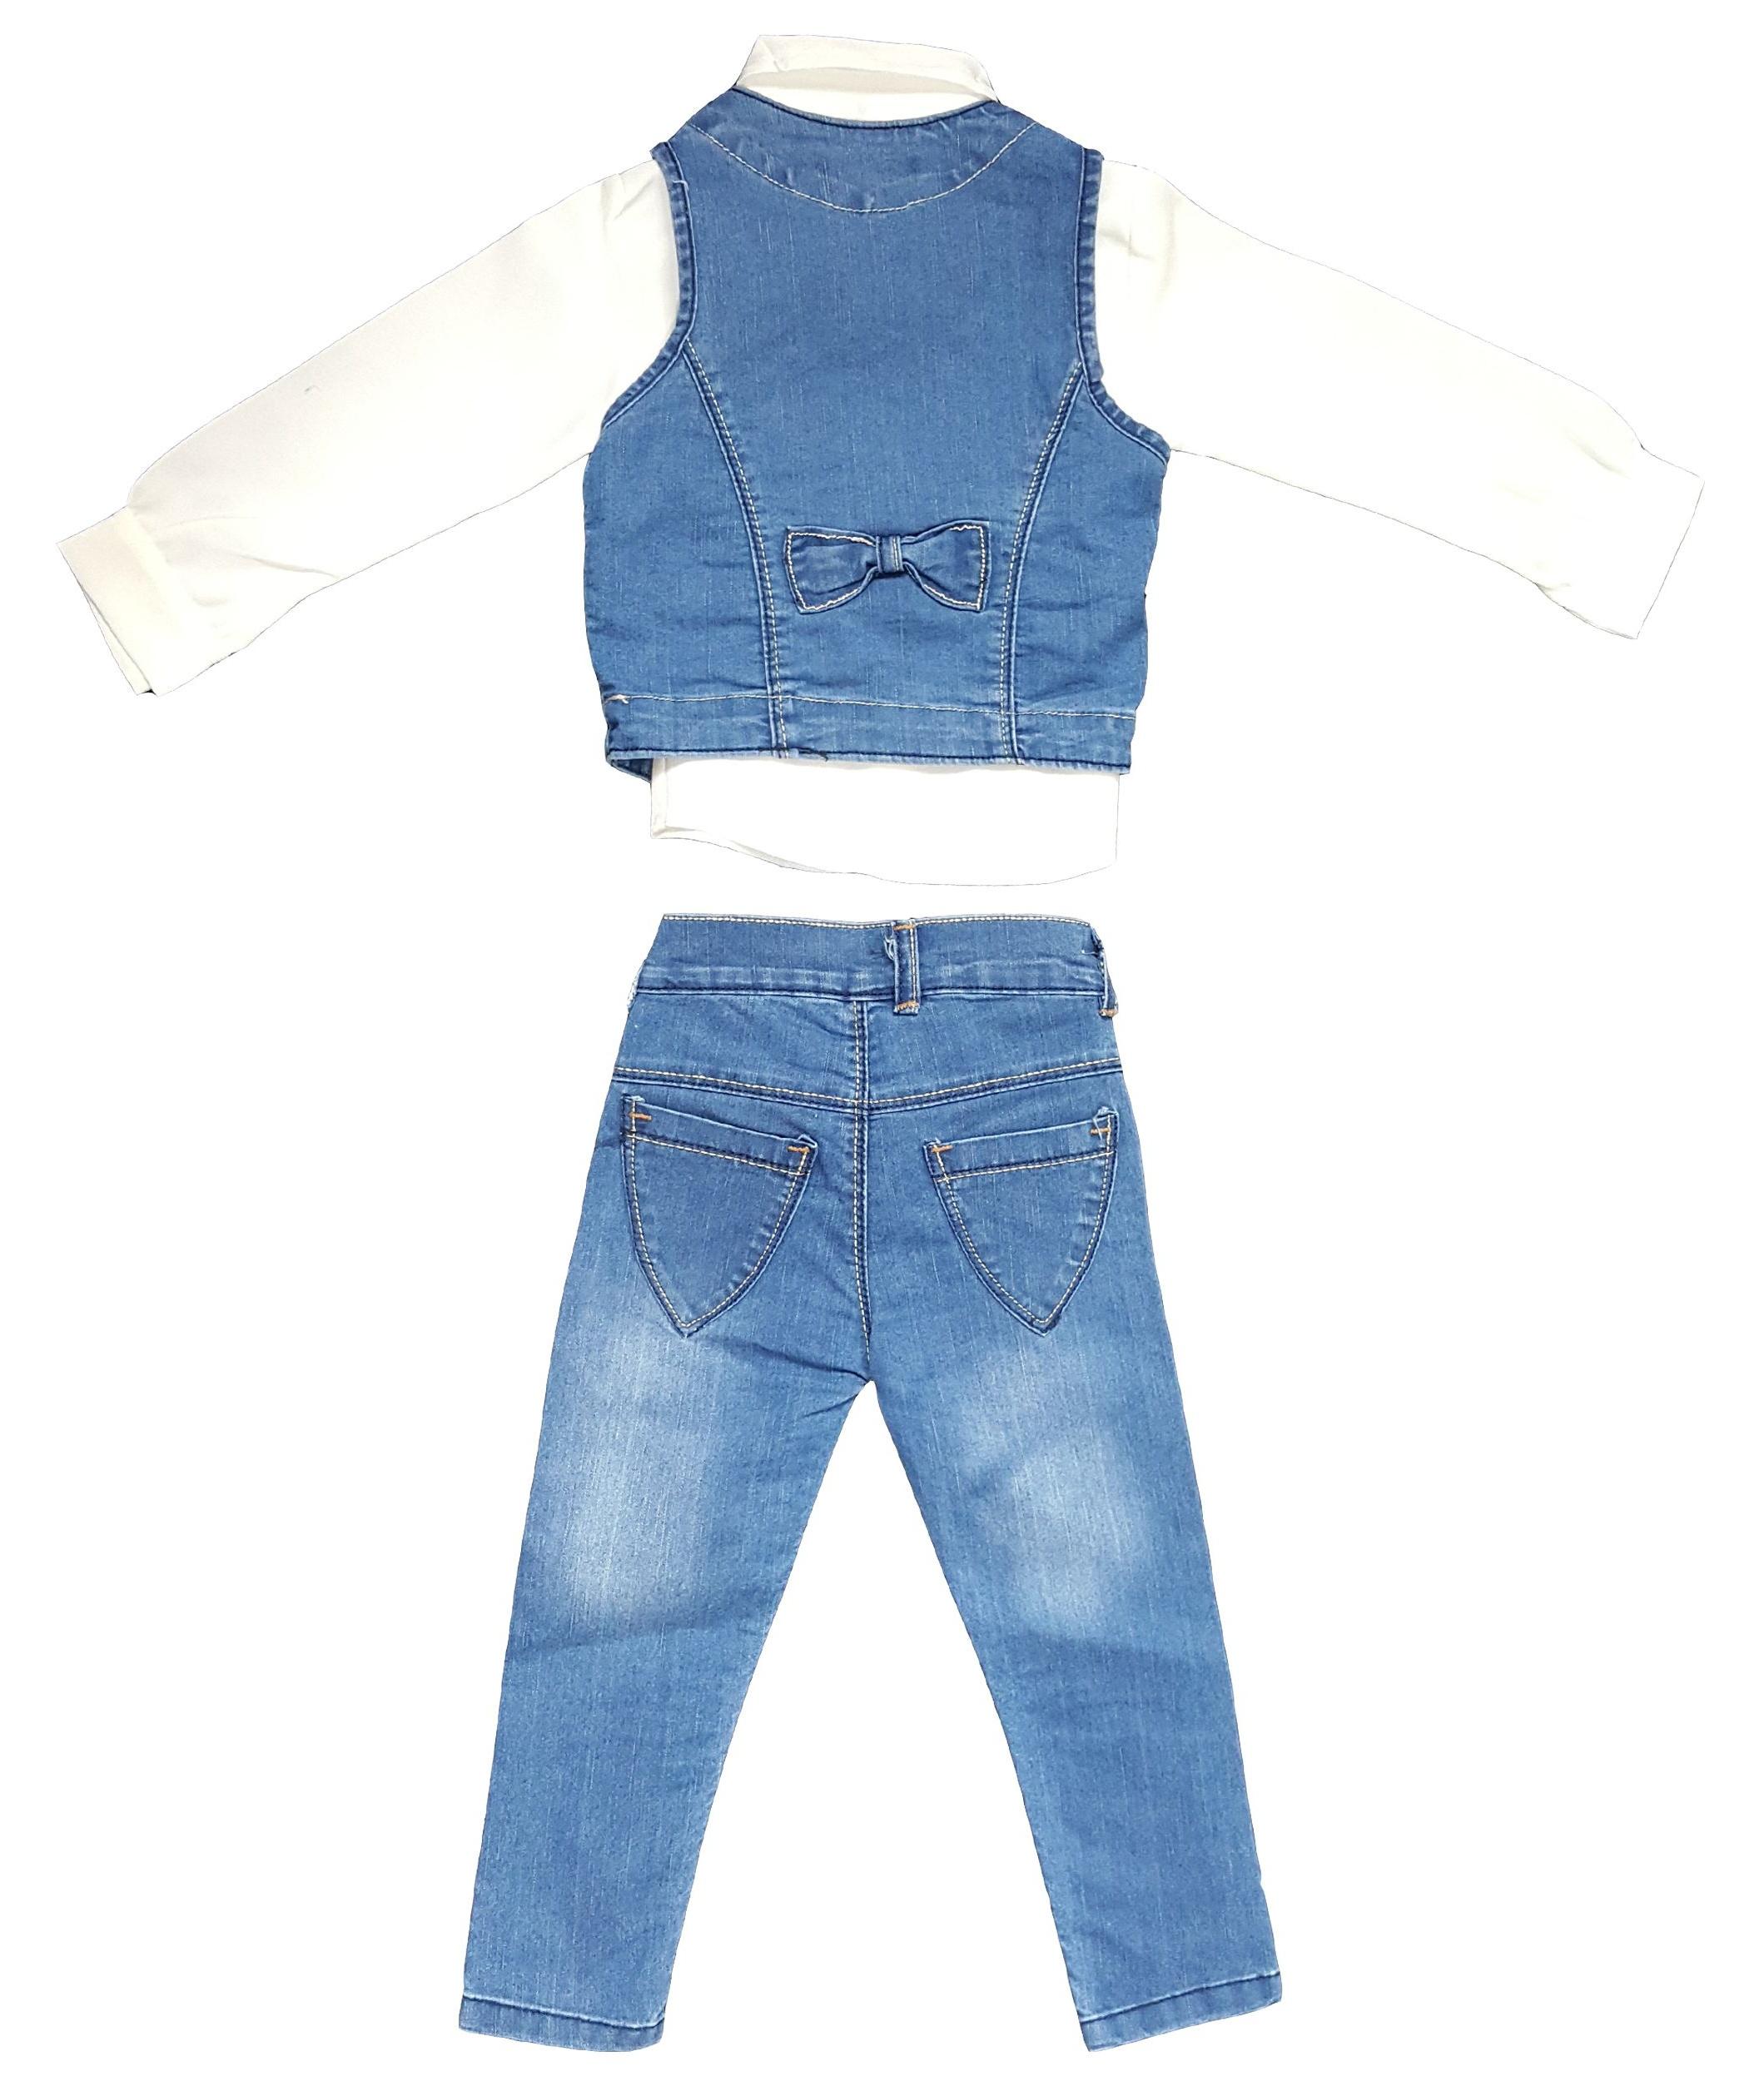 ست 3 تکه لباس دخترانه مدل BC2124